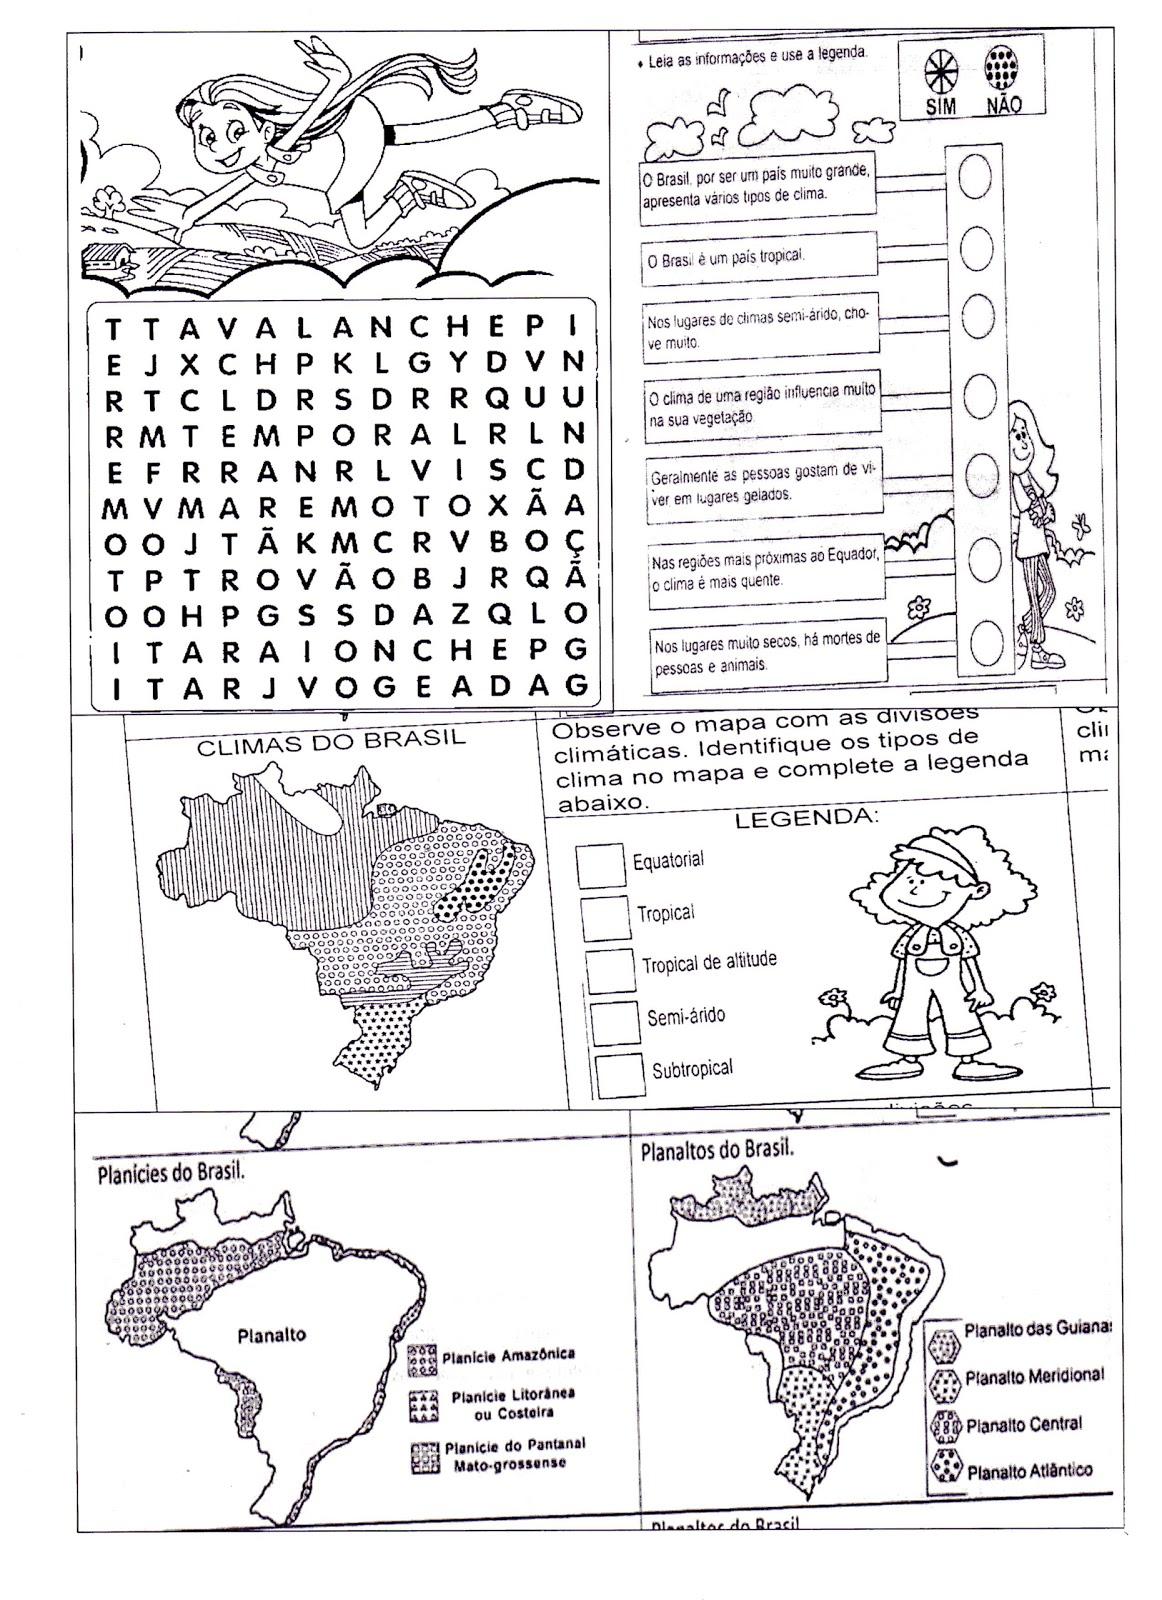 Atividades Sobre T  Pico 10 Cultura E Natureza Relevo  Vegeta    O E